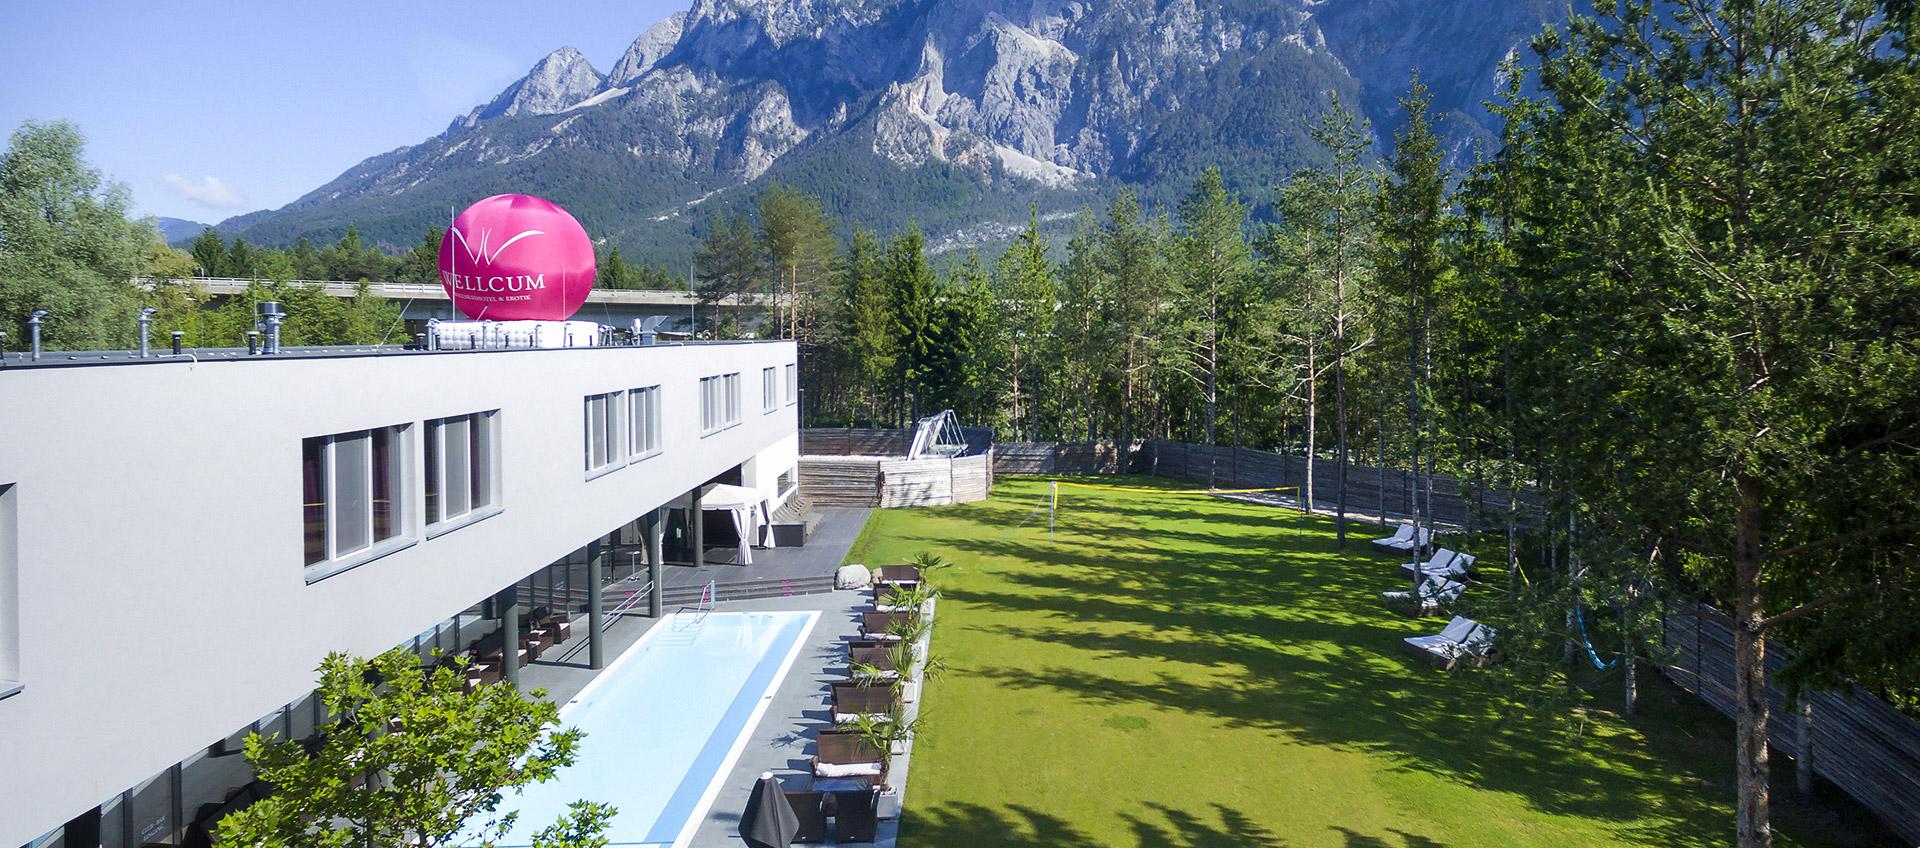 Wellcum Hotel und FKK Club